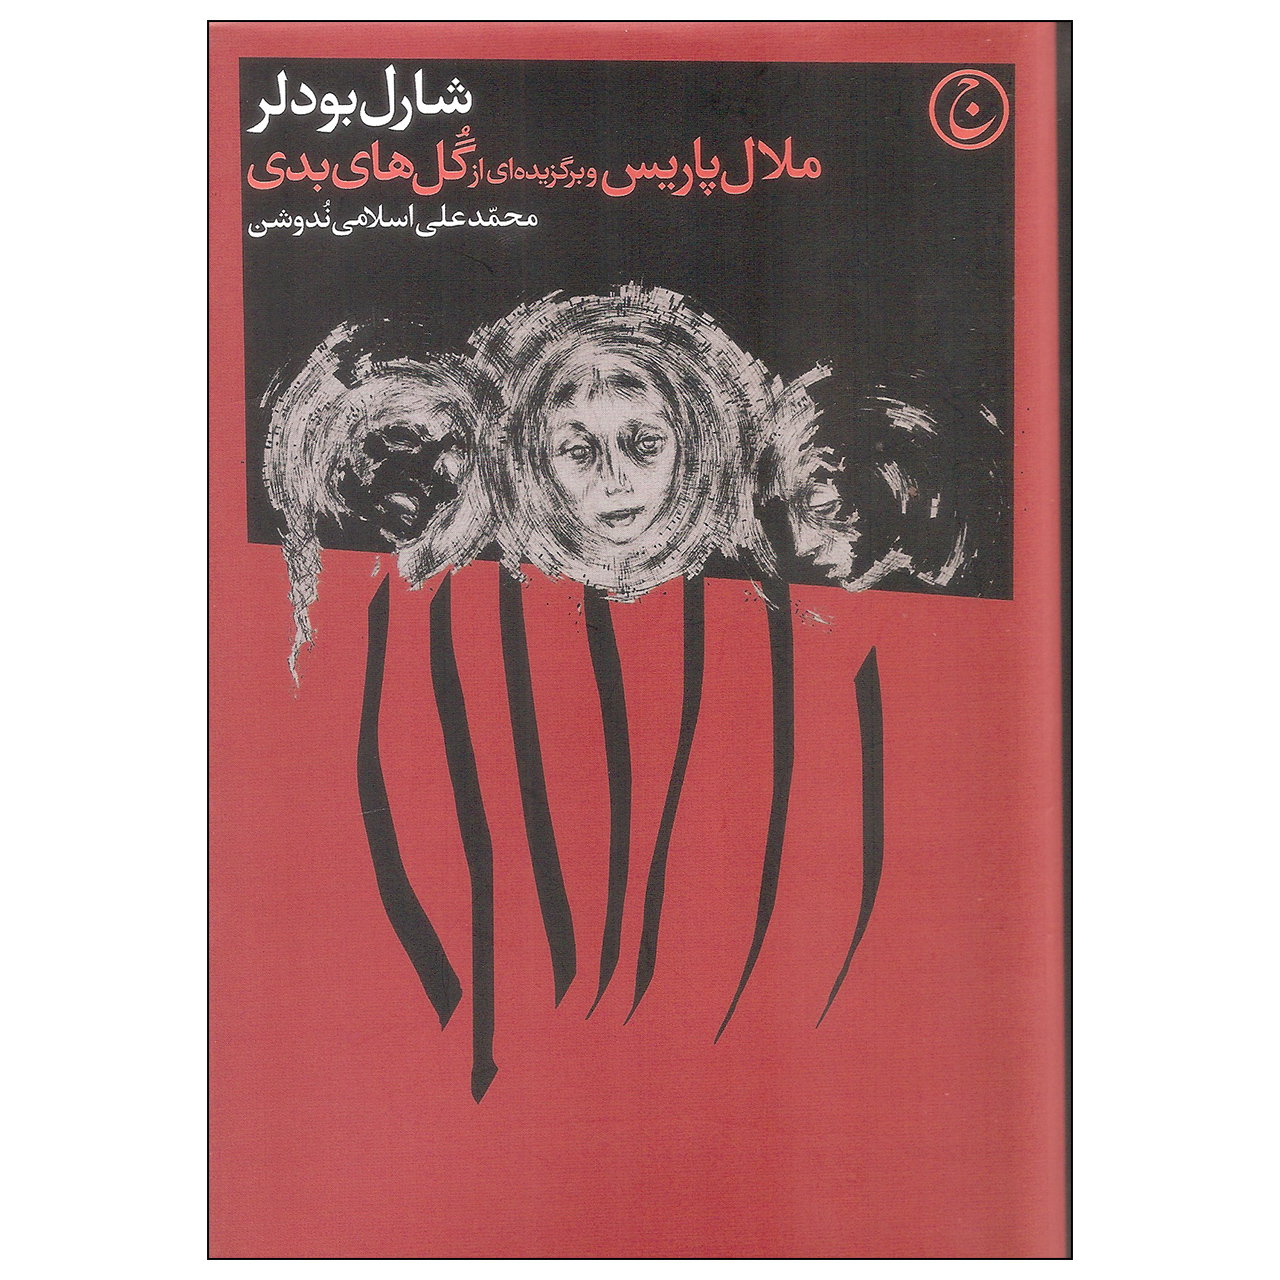 خرید                      کتاب ملال پاریس و برگزیده ای از گل های بدی اثر شارل بودلر انتشارات فرهنگ جاوید